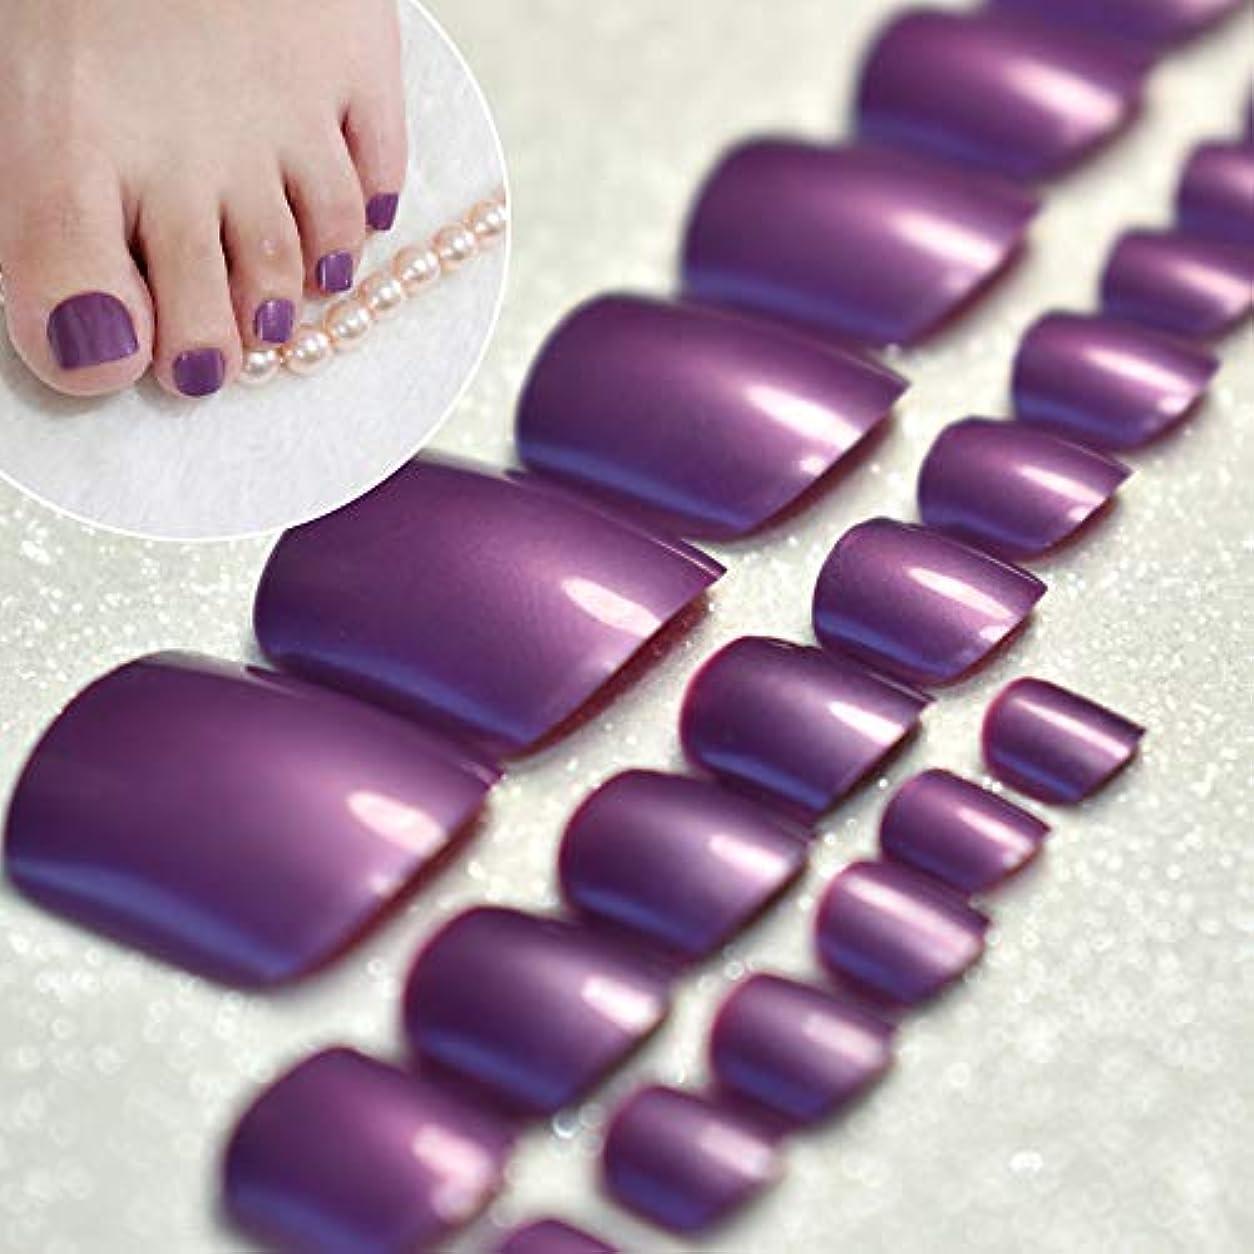 ソーシャル後世強制的XUTXZKA 足の爪のためのきらめく光沢のあるグレープパープルネイルのヒント足のためのお菓子祭りの偽の足指24本